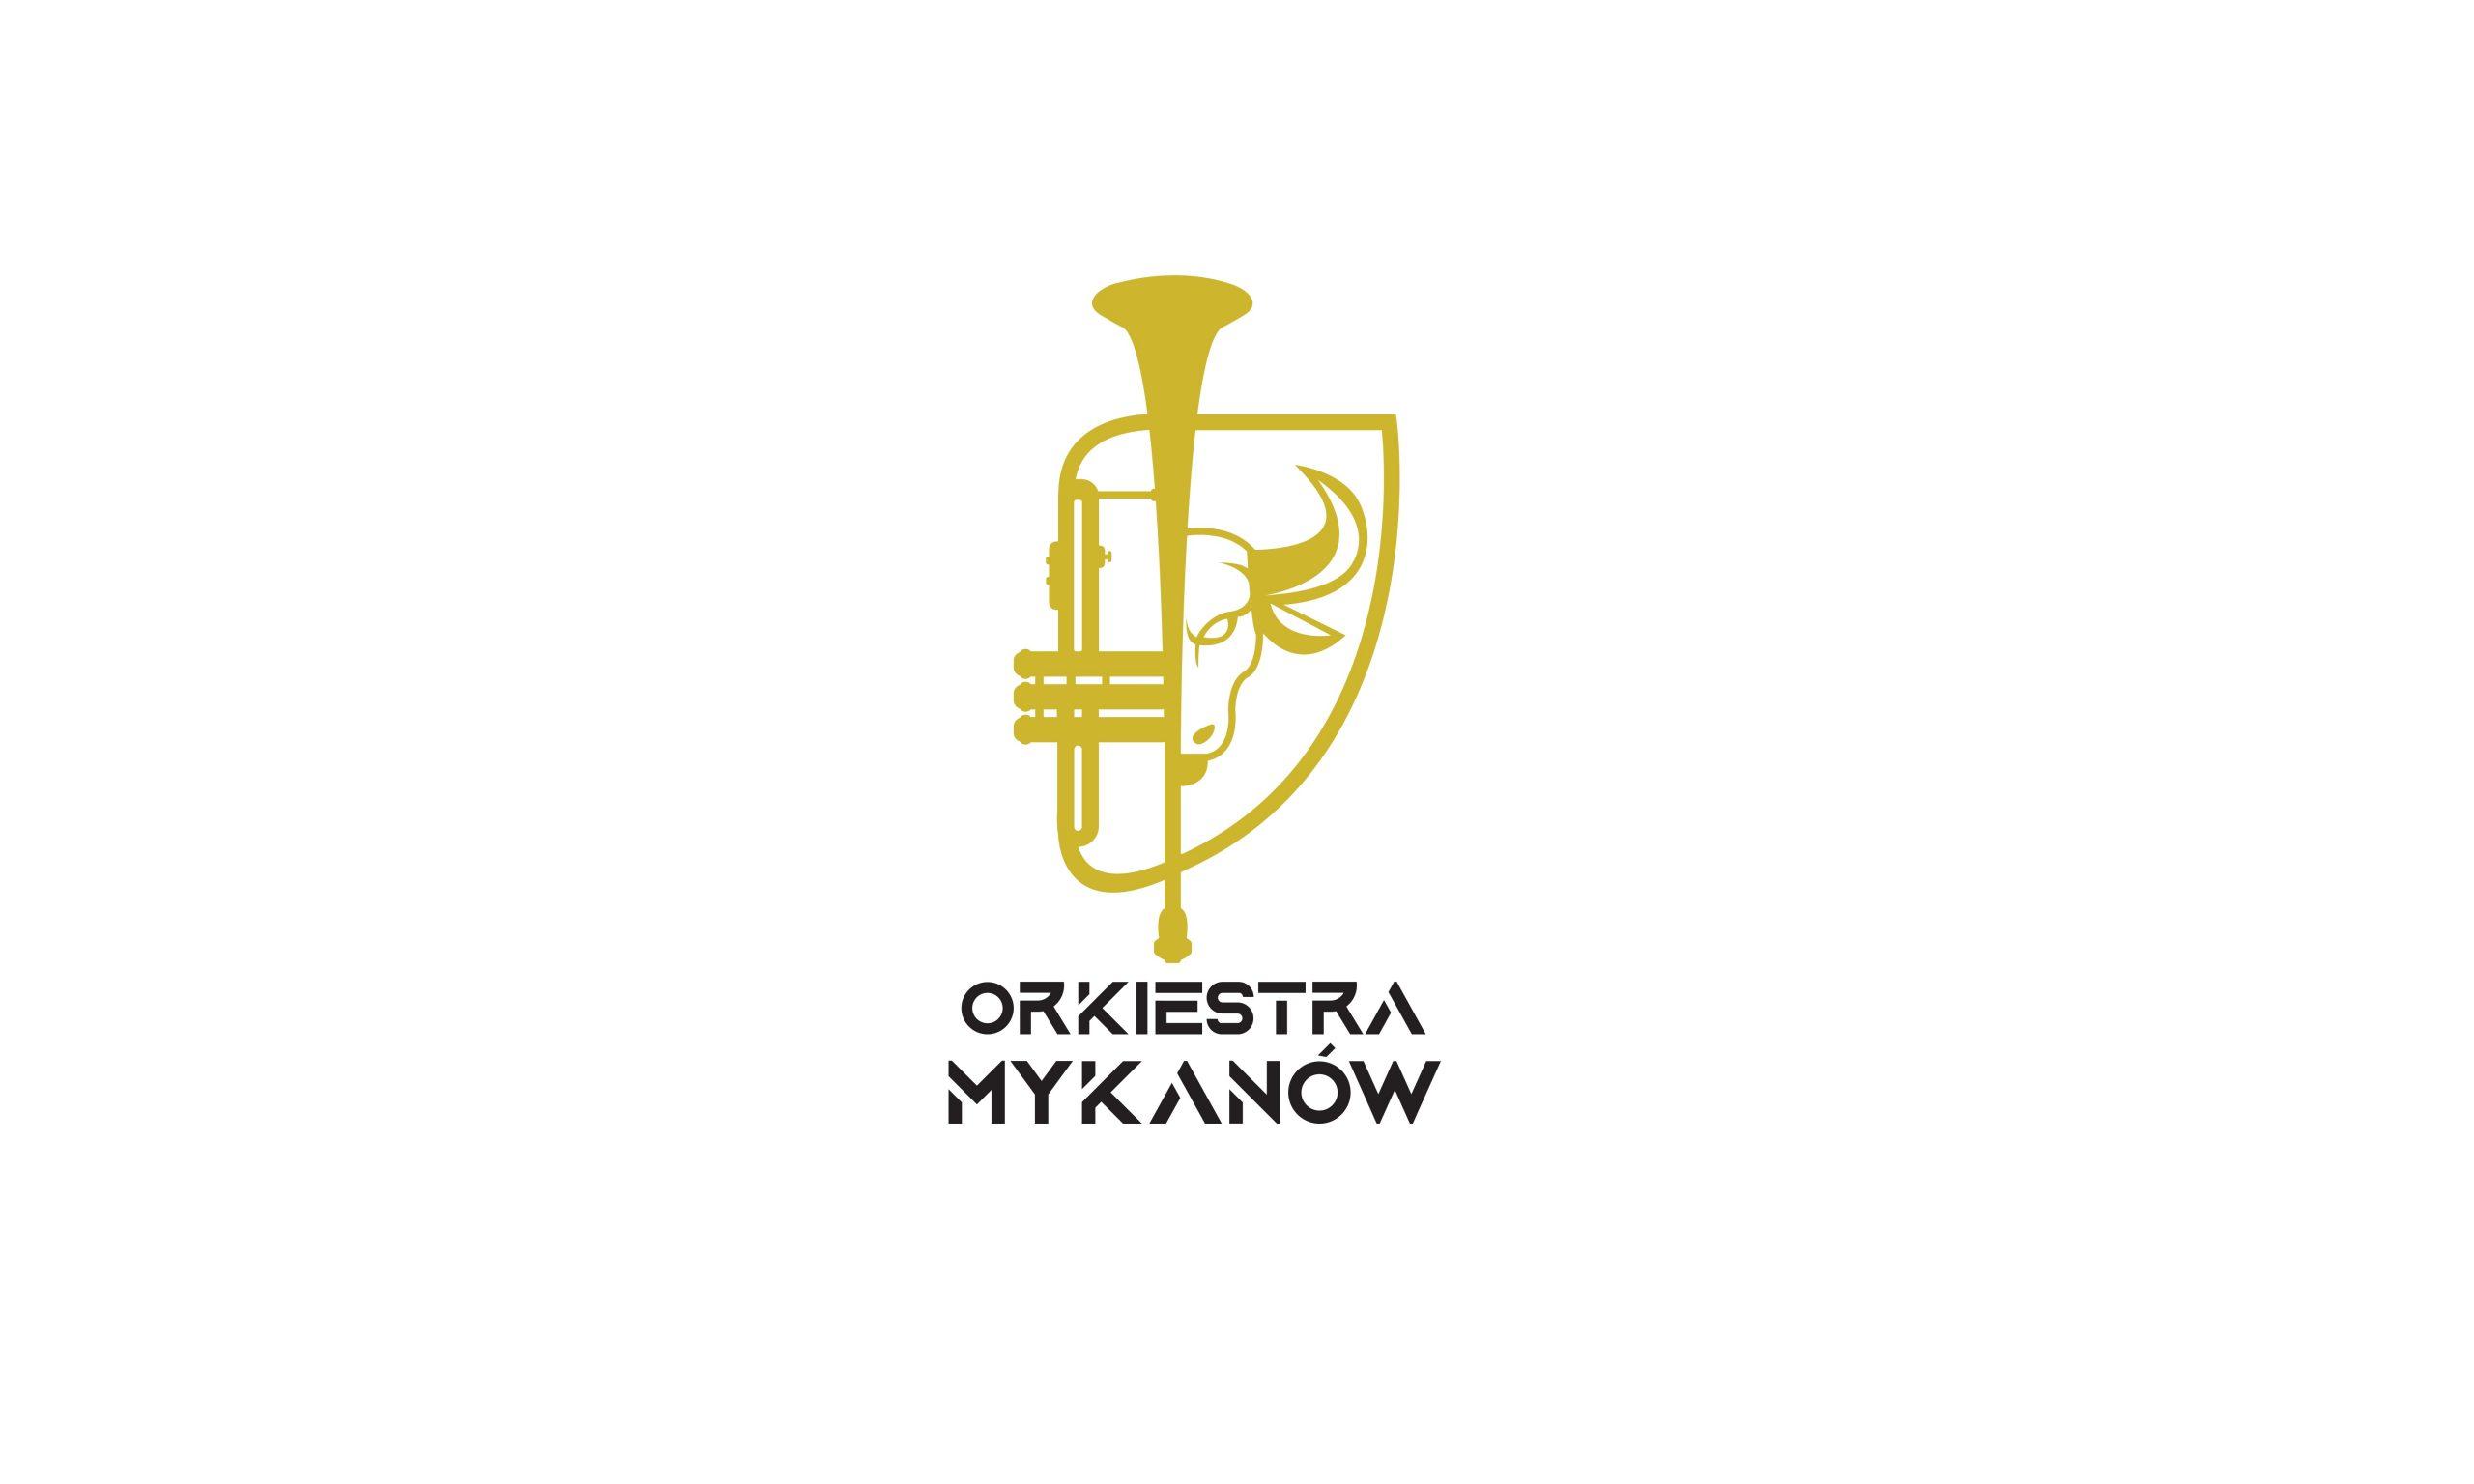 Orkiestra z nowym logo